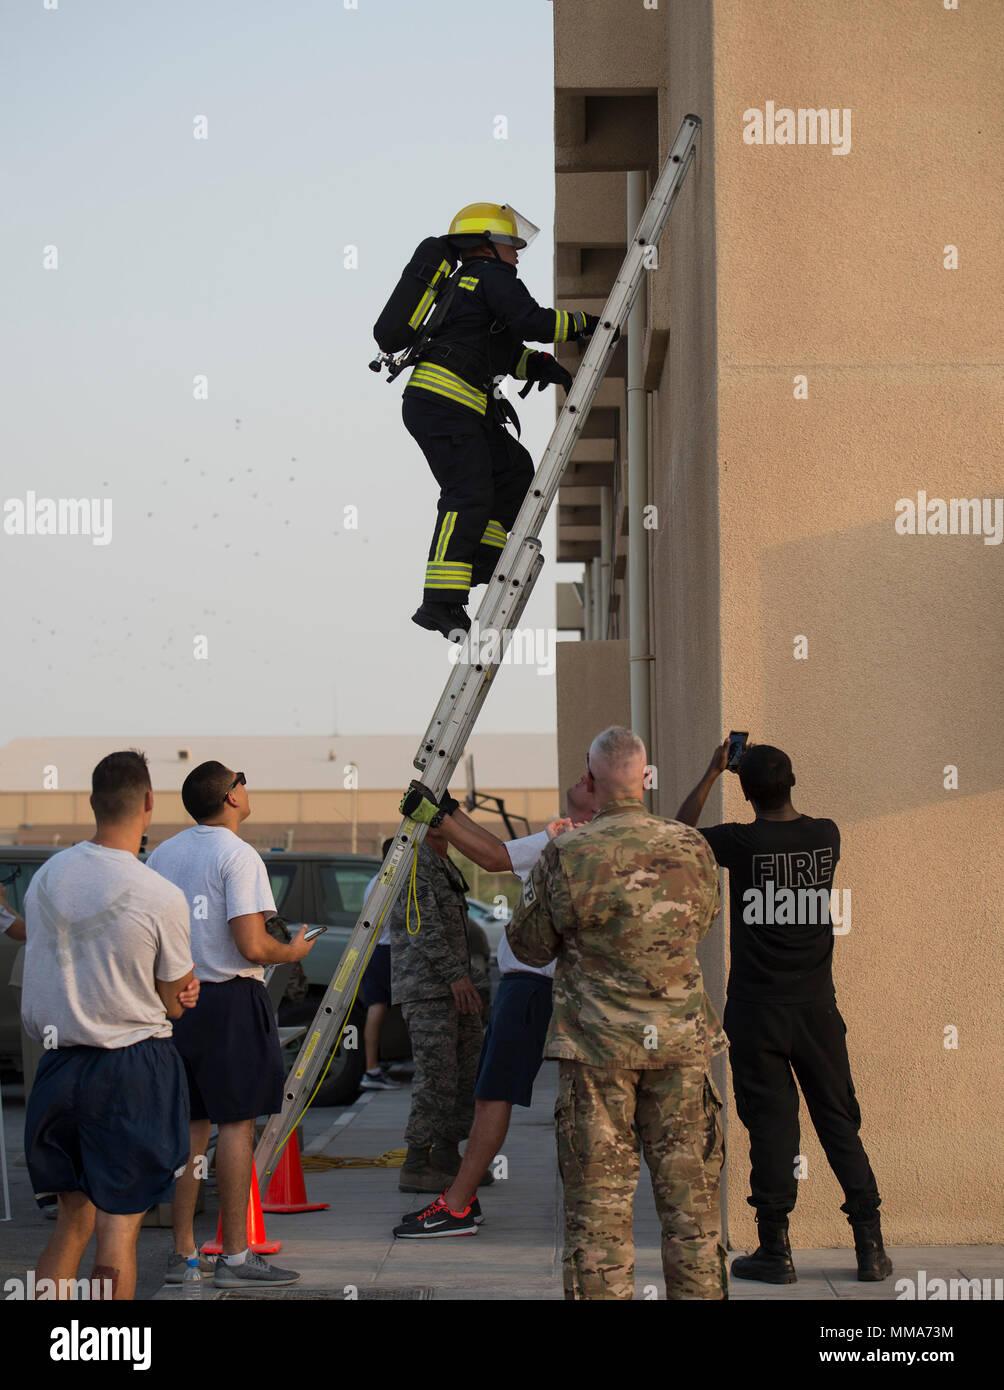 Qatar Emiri Air Force Fire Department Stock Photos & Qatar